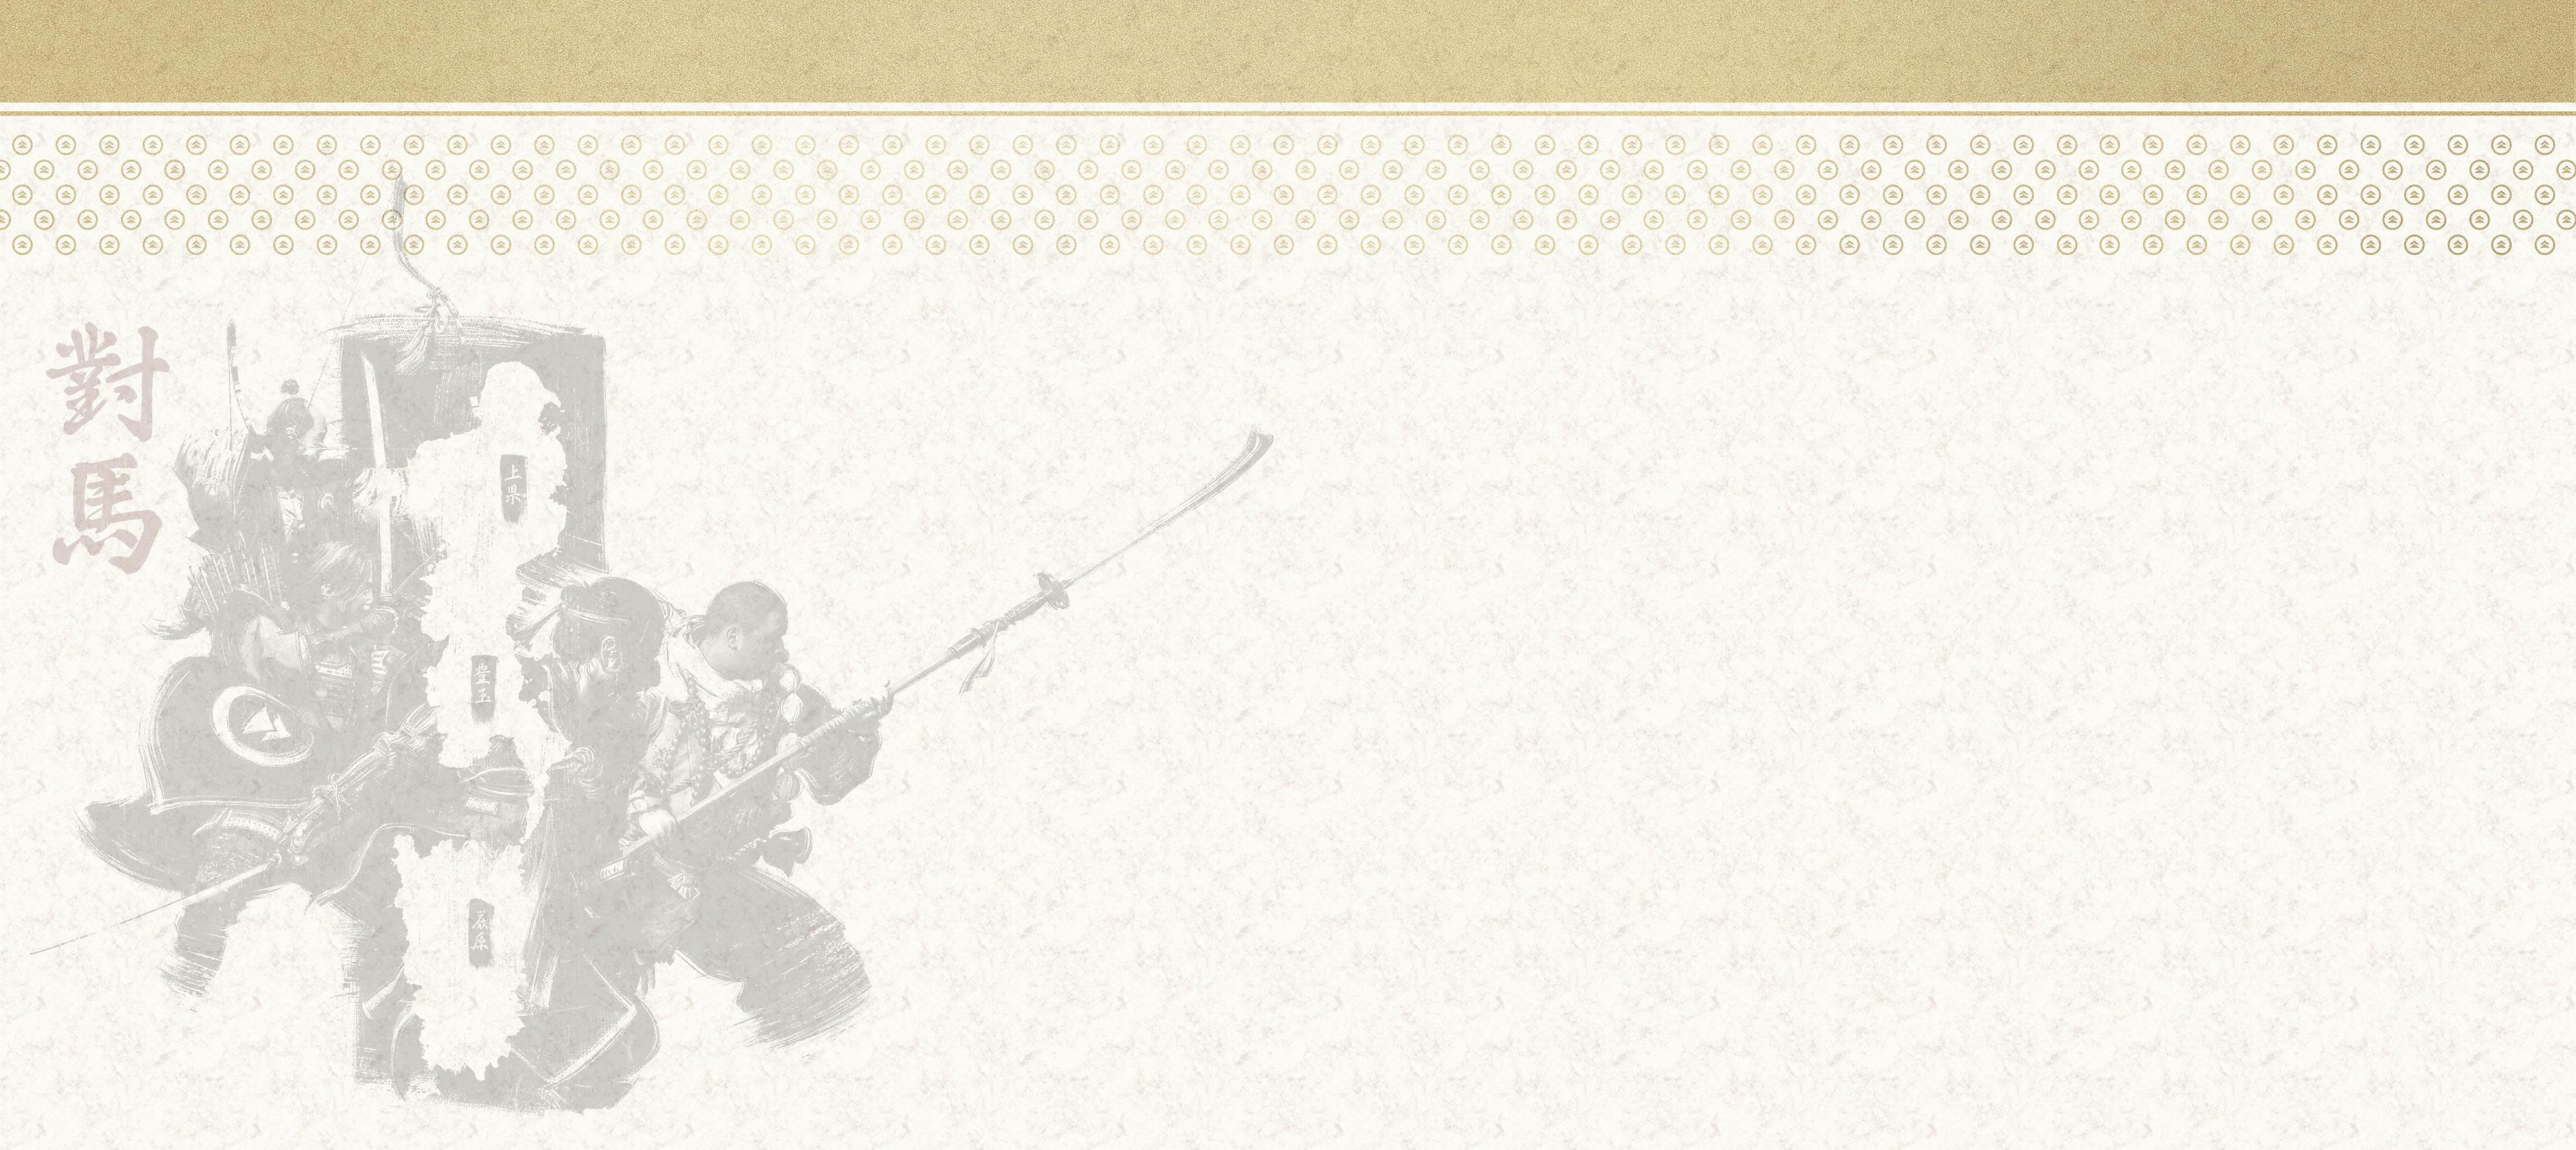 خلفية شبح تسوشيما